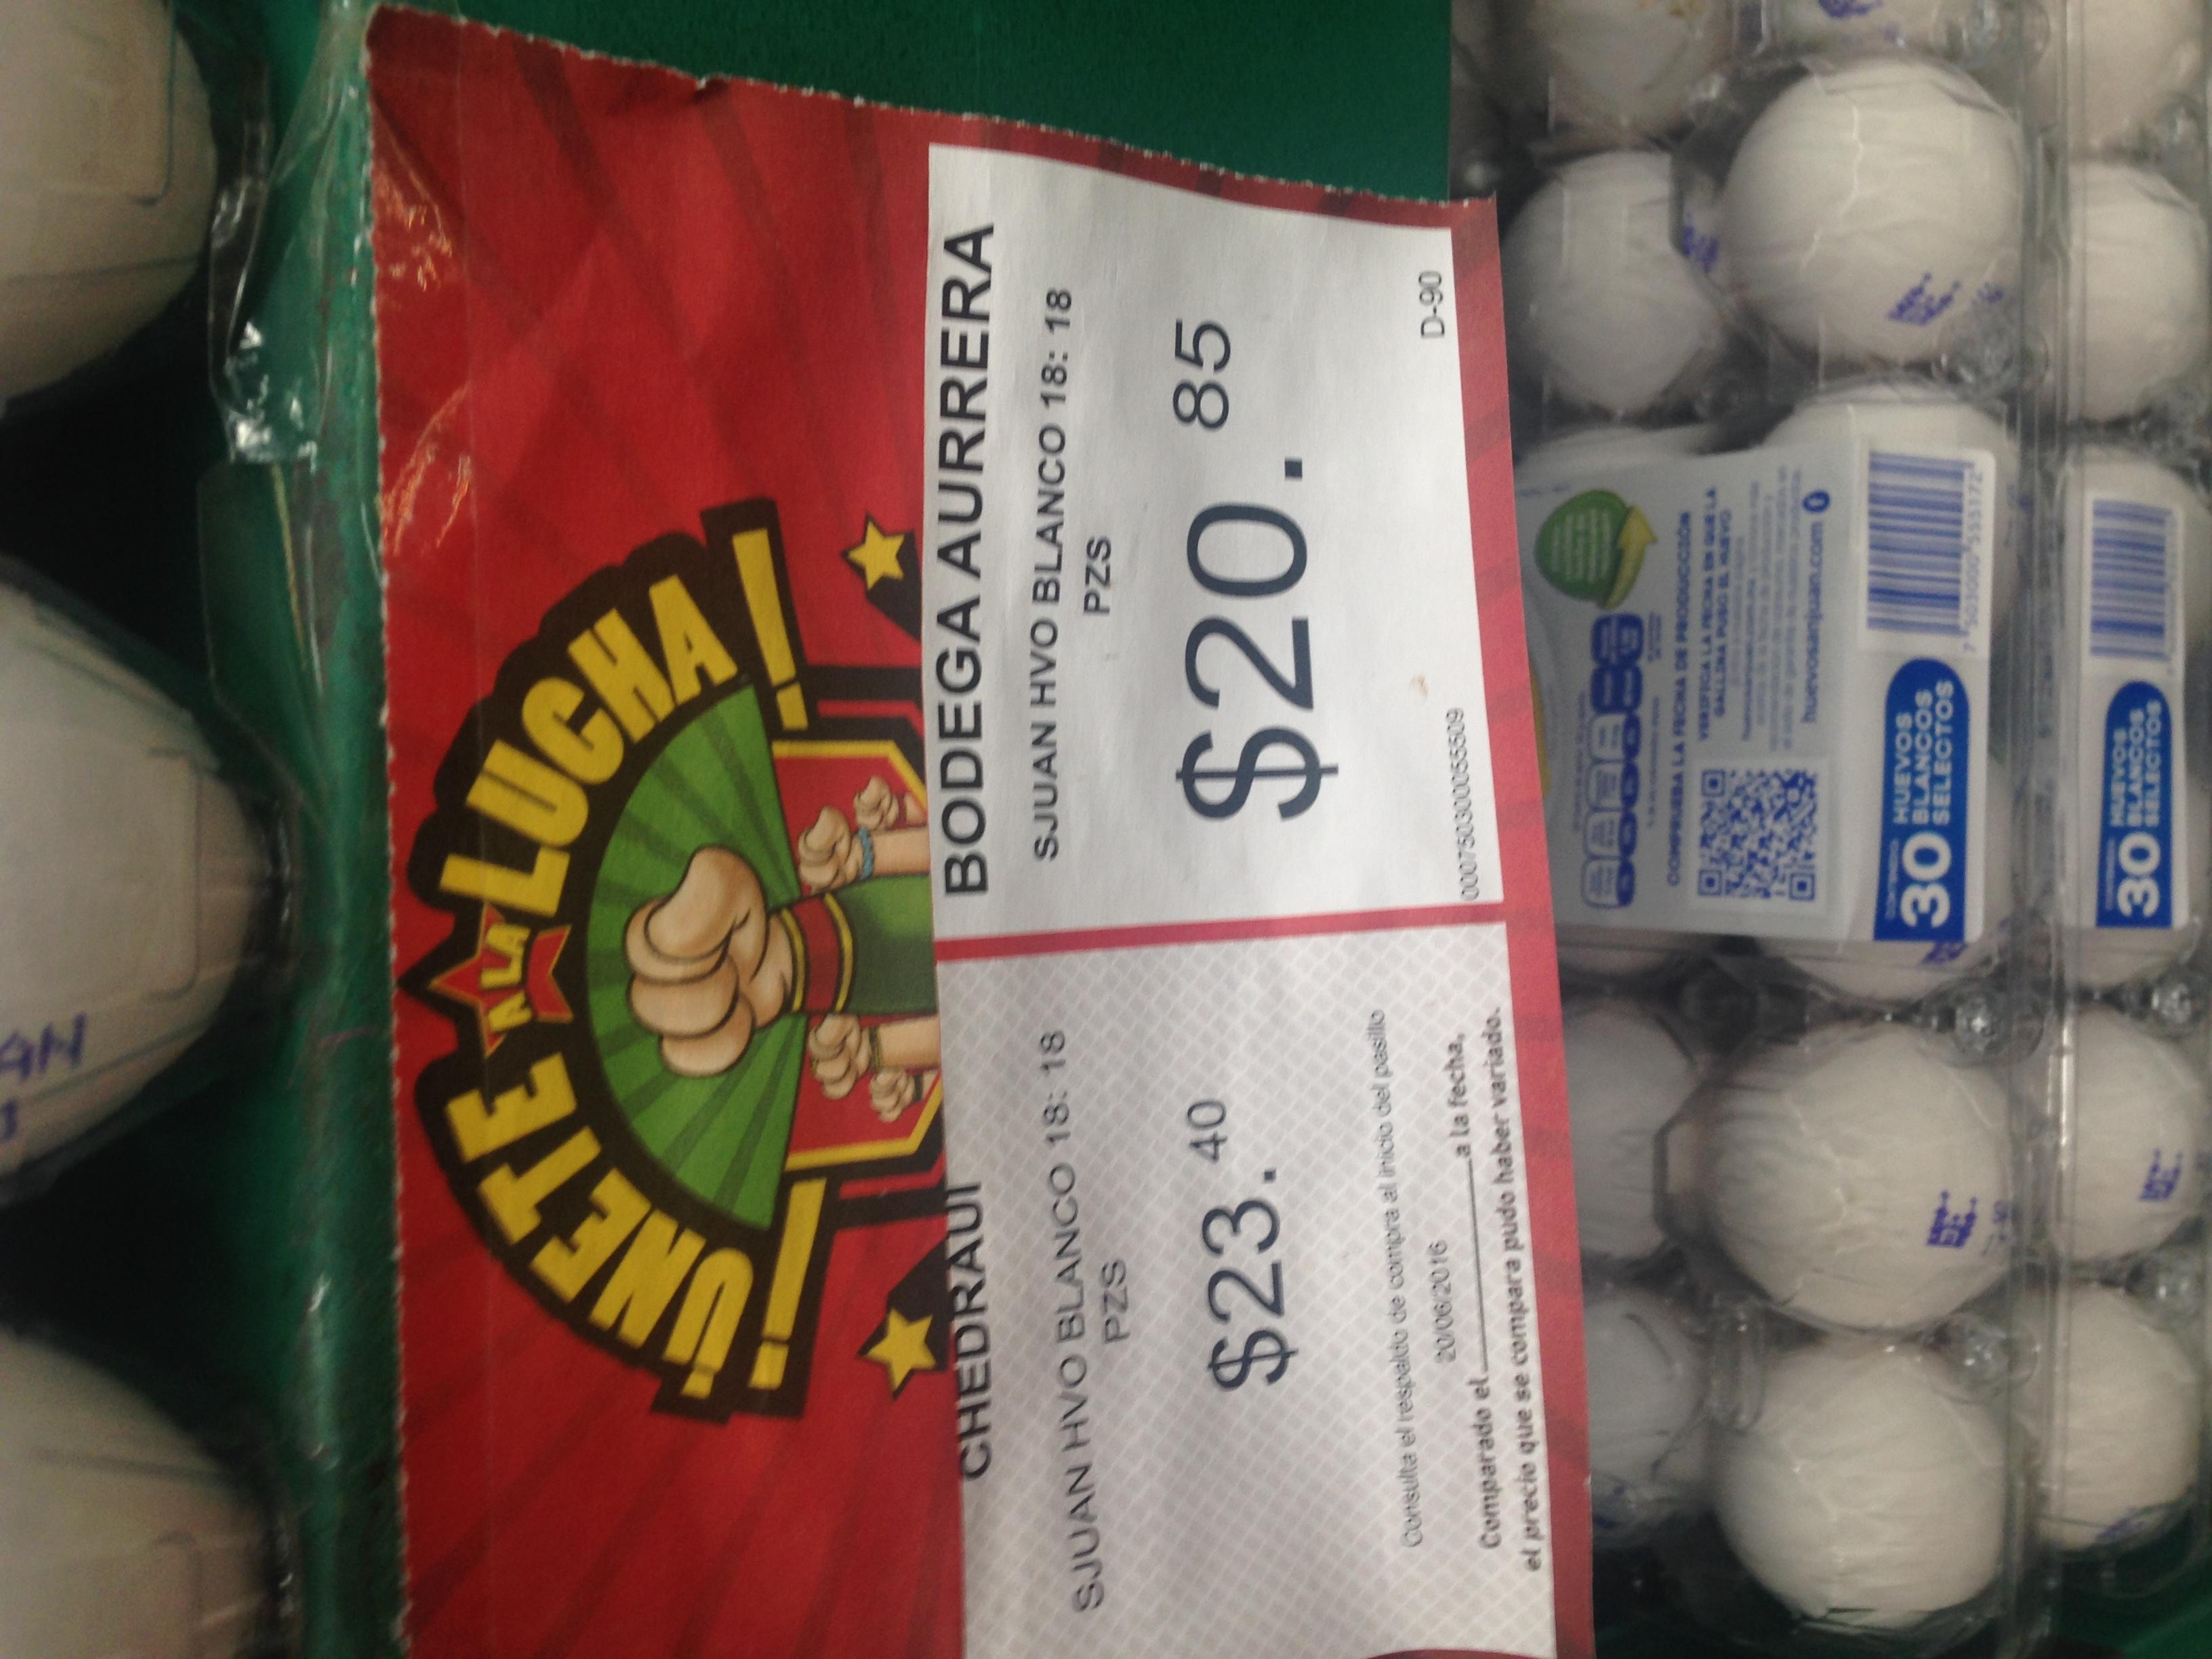 Bodega Aurrerá: Huevo blanco San Juan 18 pzas. A $20.85